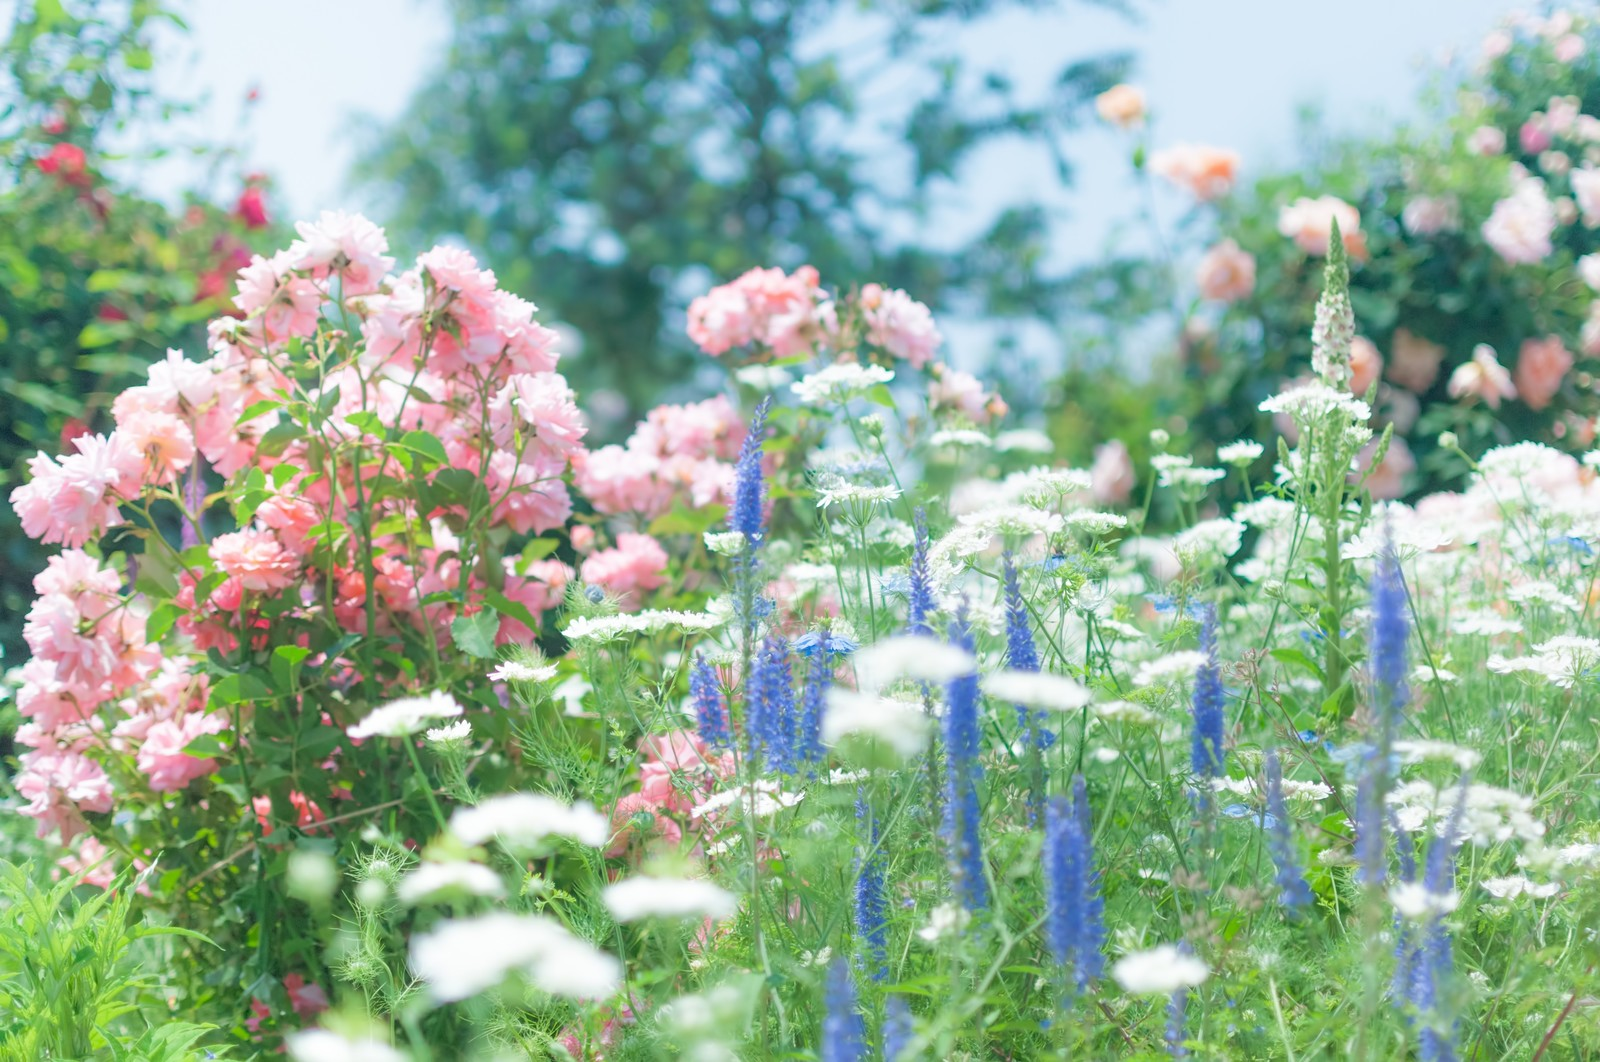 「バラの咲く庭」